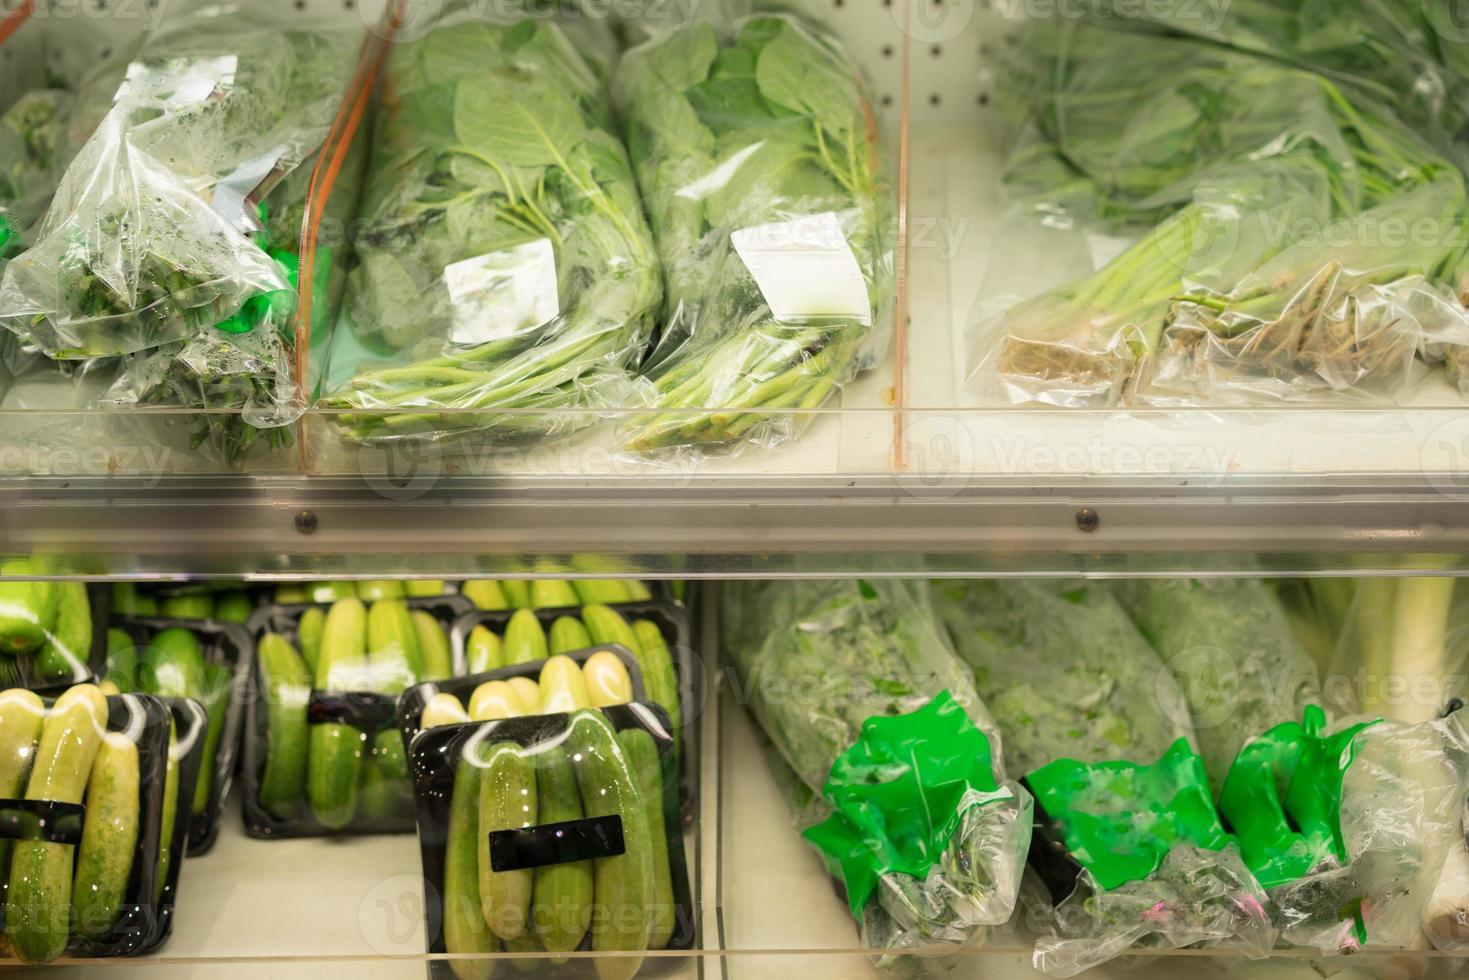 verpakte groenten op een plank foto